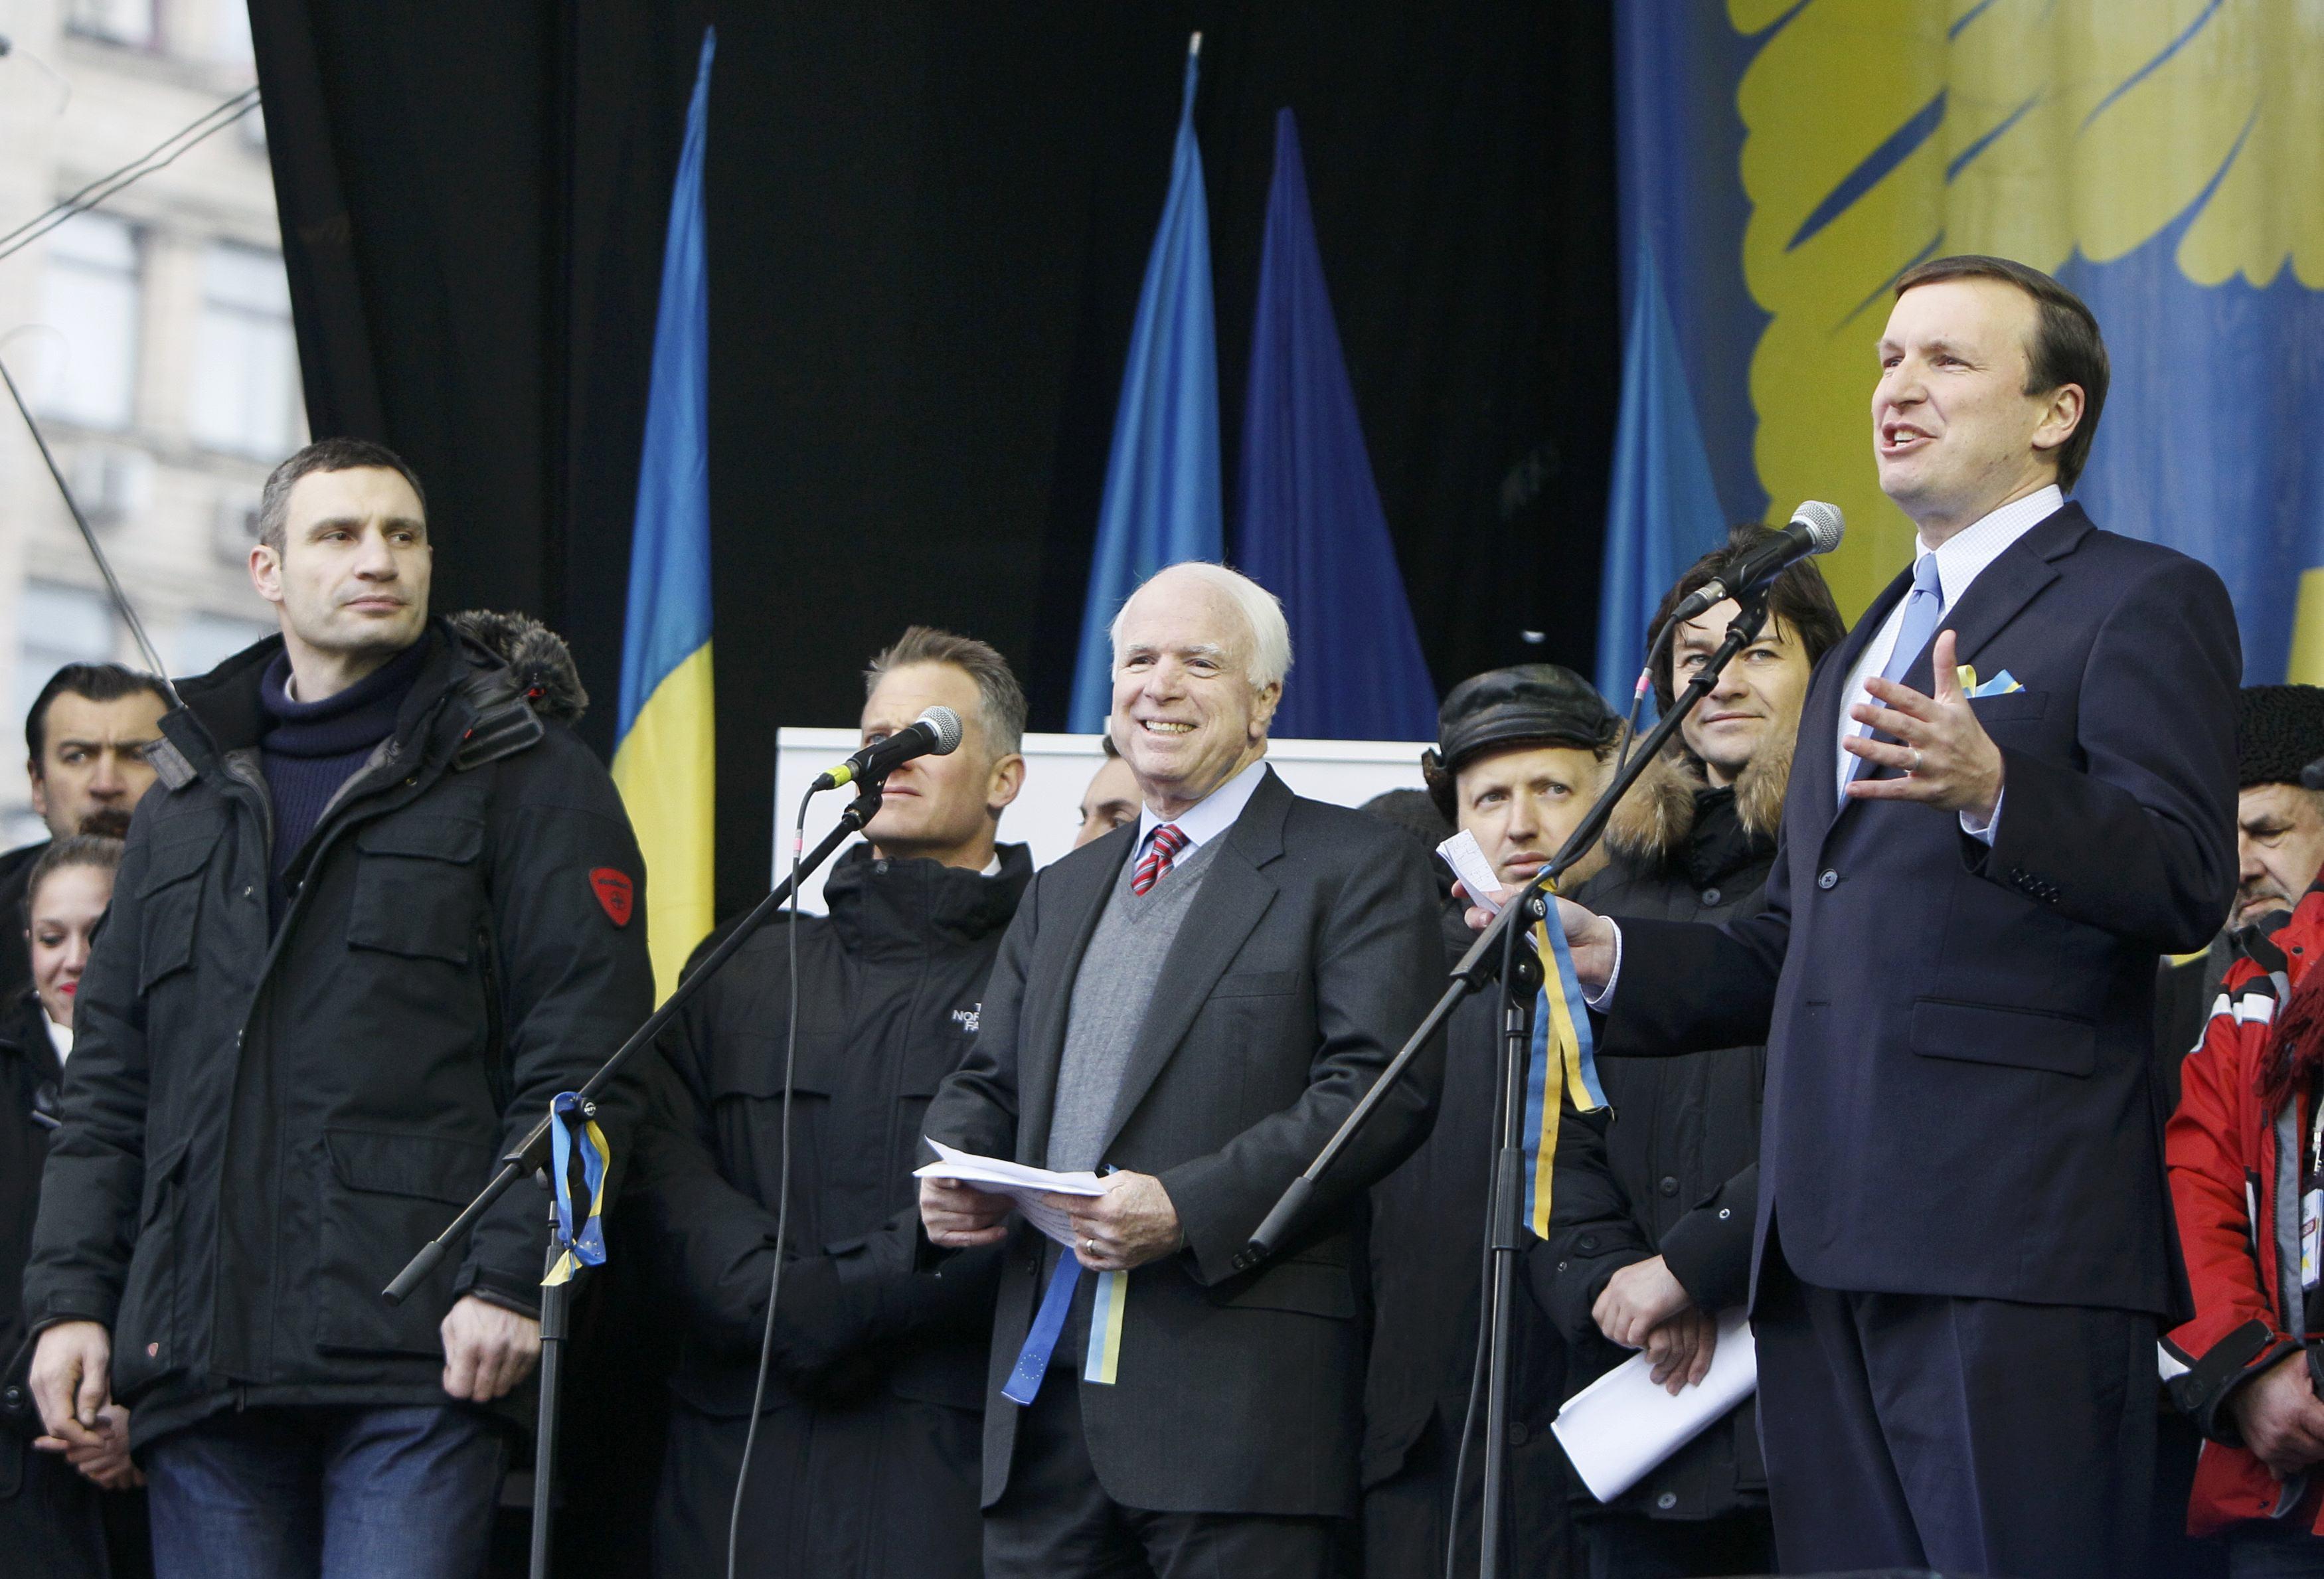 Mccain Murphy Address Demonstrators In Kiev The Boston Globe